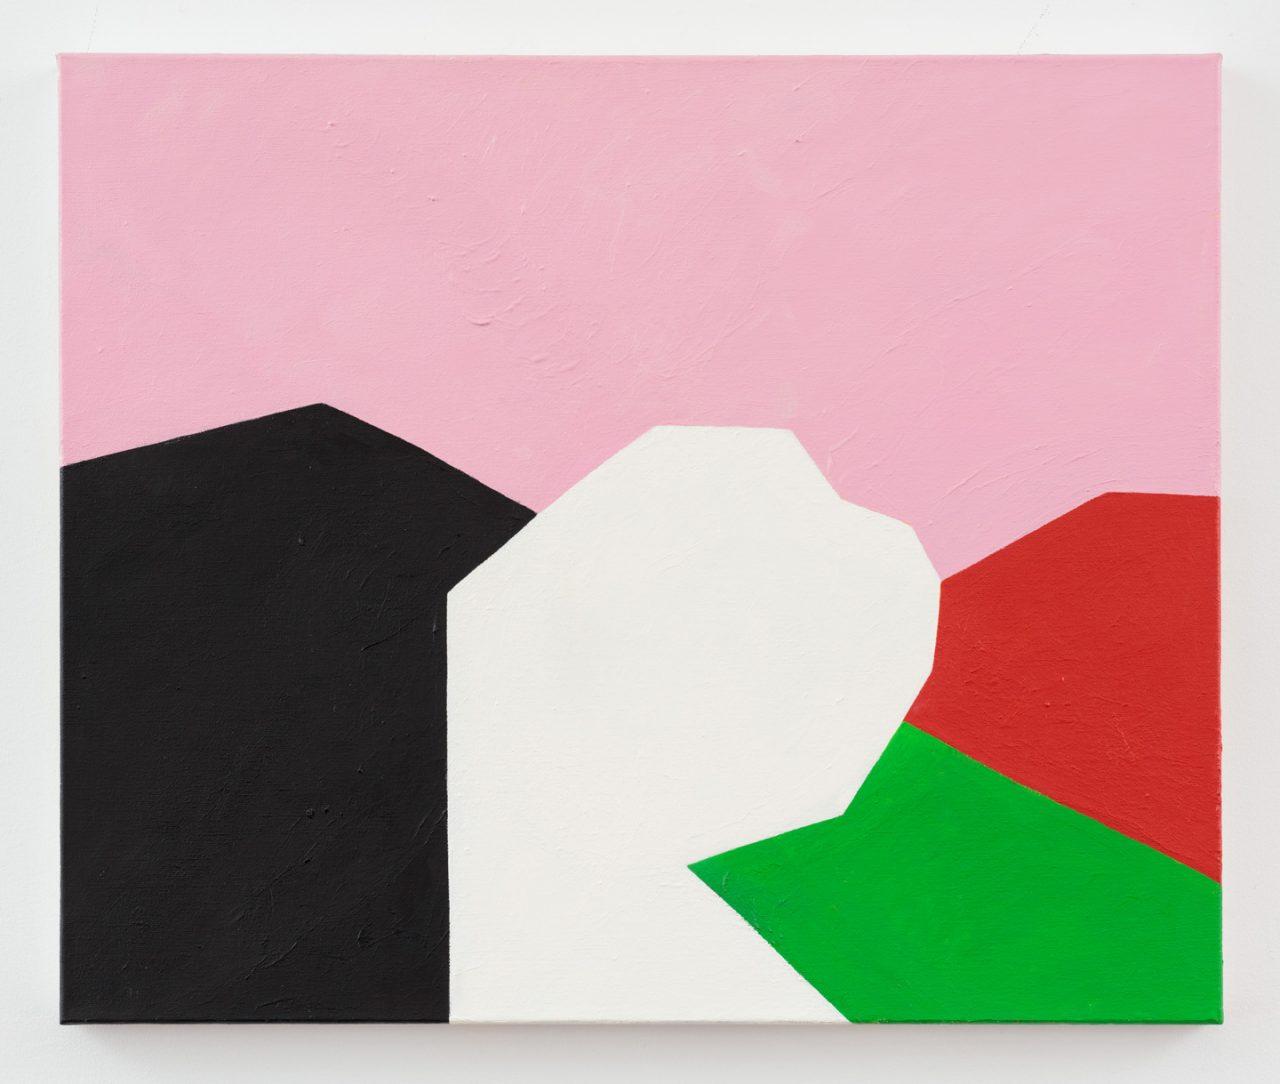 Andrew Masullo | 5960, 2014